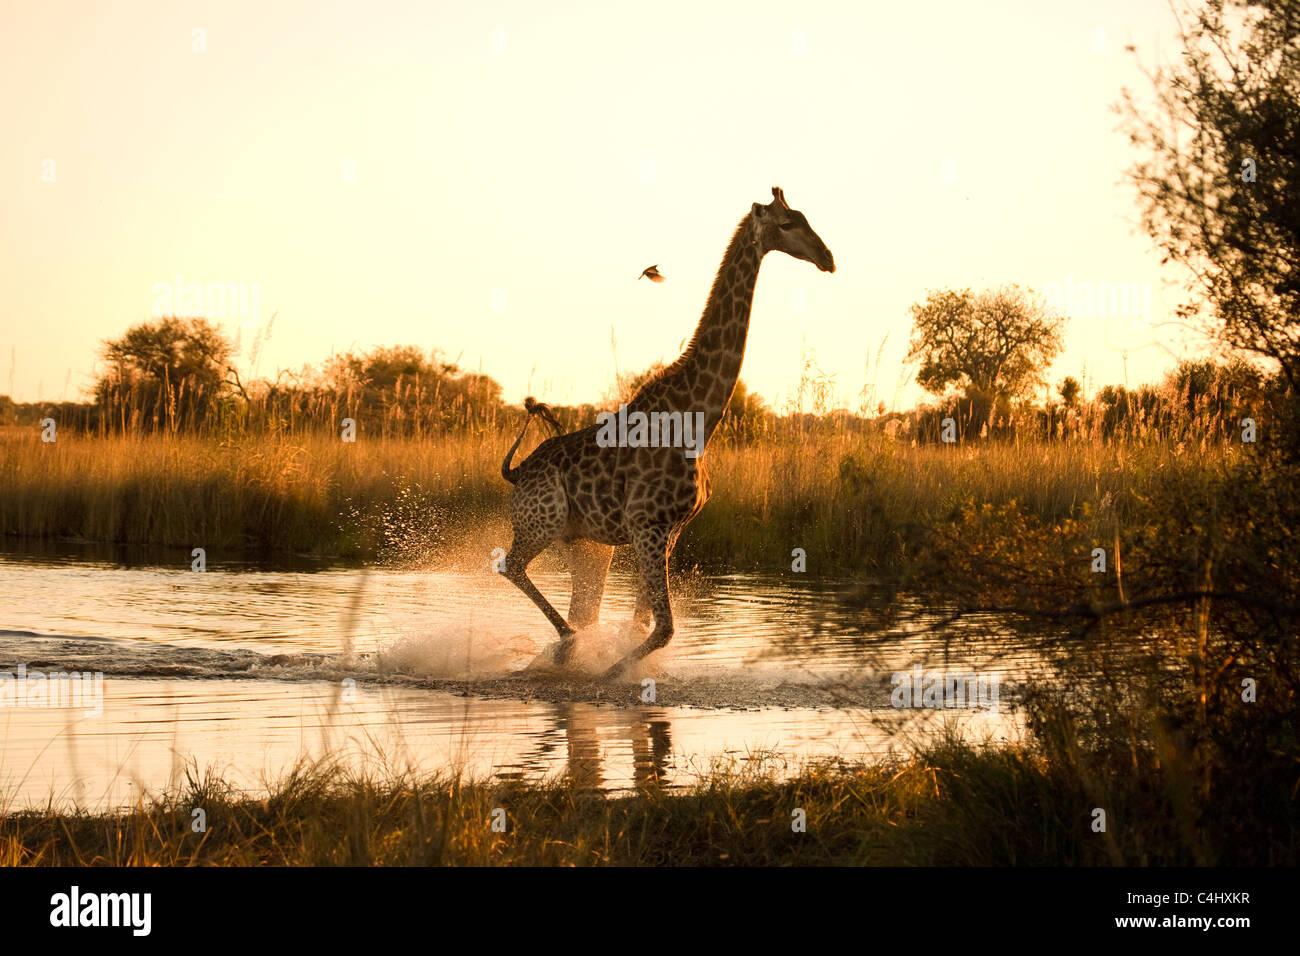 Girafe (Giraffa camelopardalis) couvrant une zone inondée dans le Delta de l'Okavango, au Botswana Photo Stock